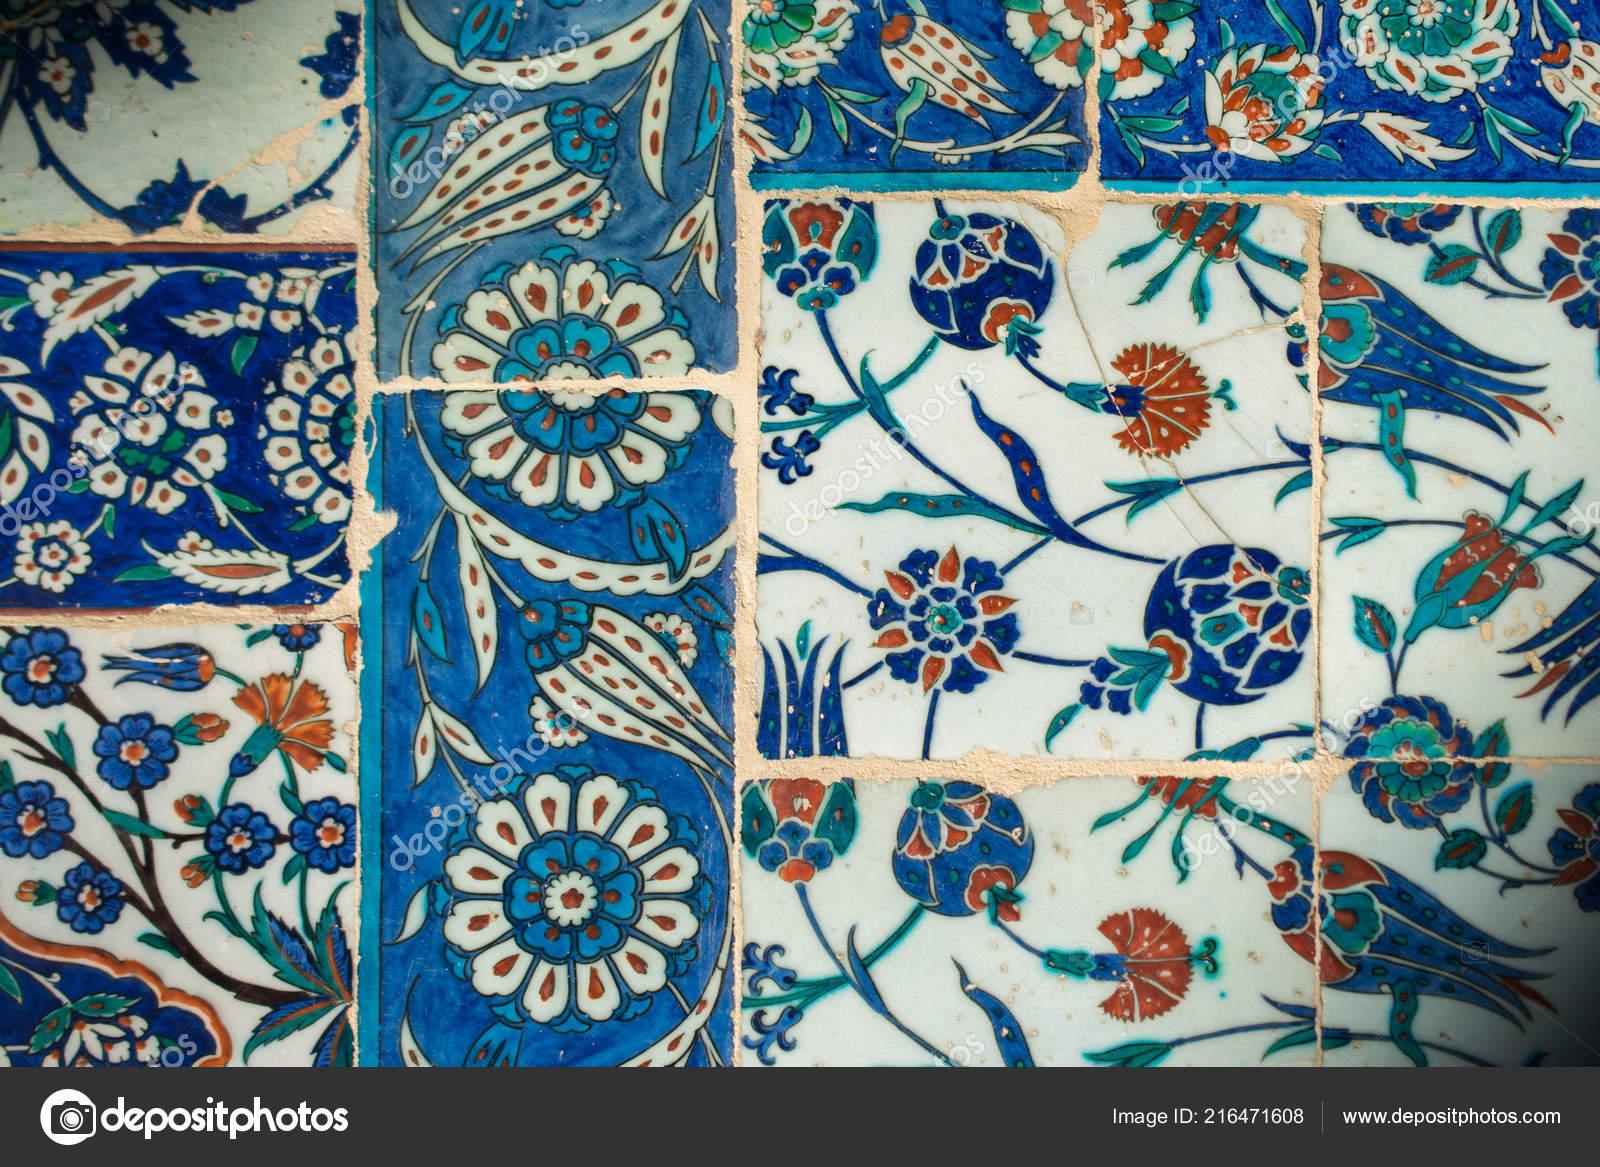 Antico turco piastrelle fatte mano tempo ottomano con motivi